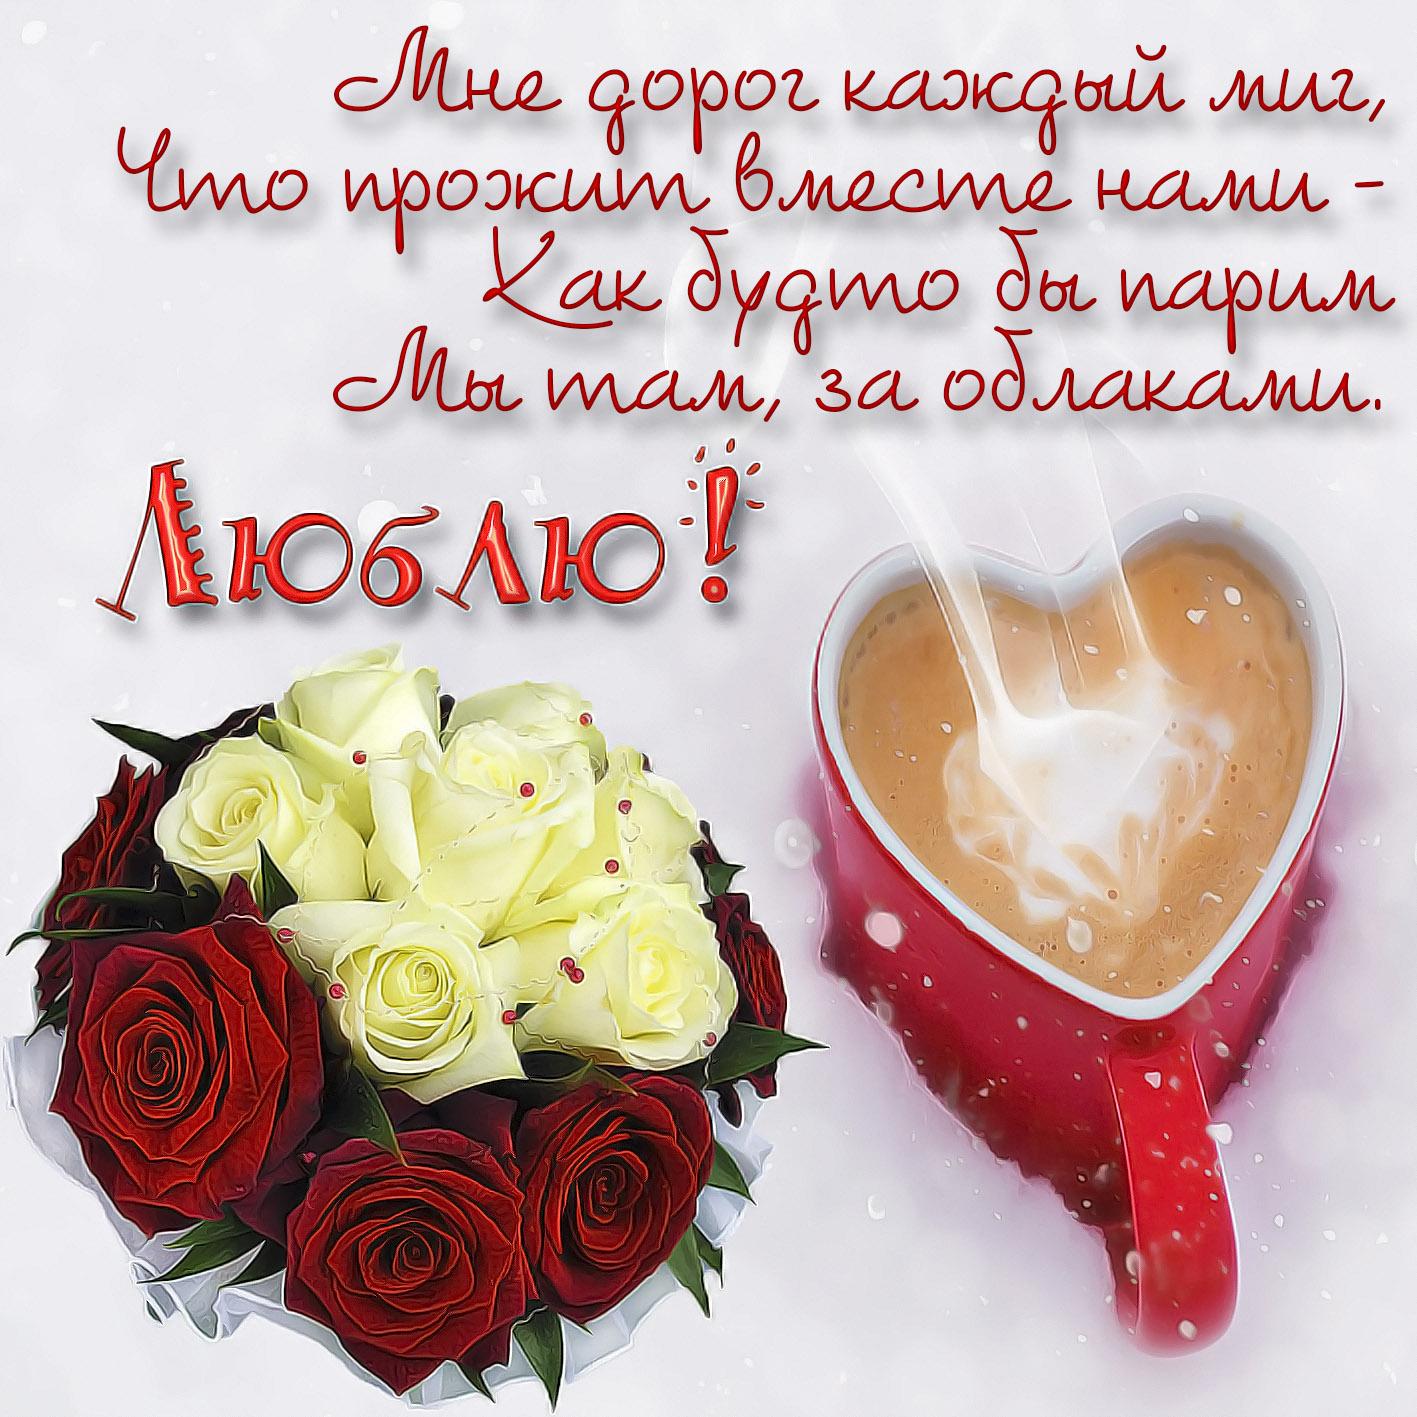 Открытка люблю - чашечка кофе в виде сердечка